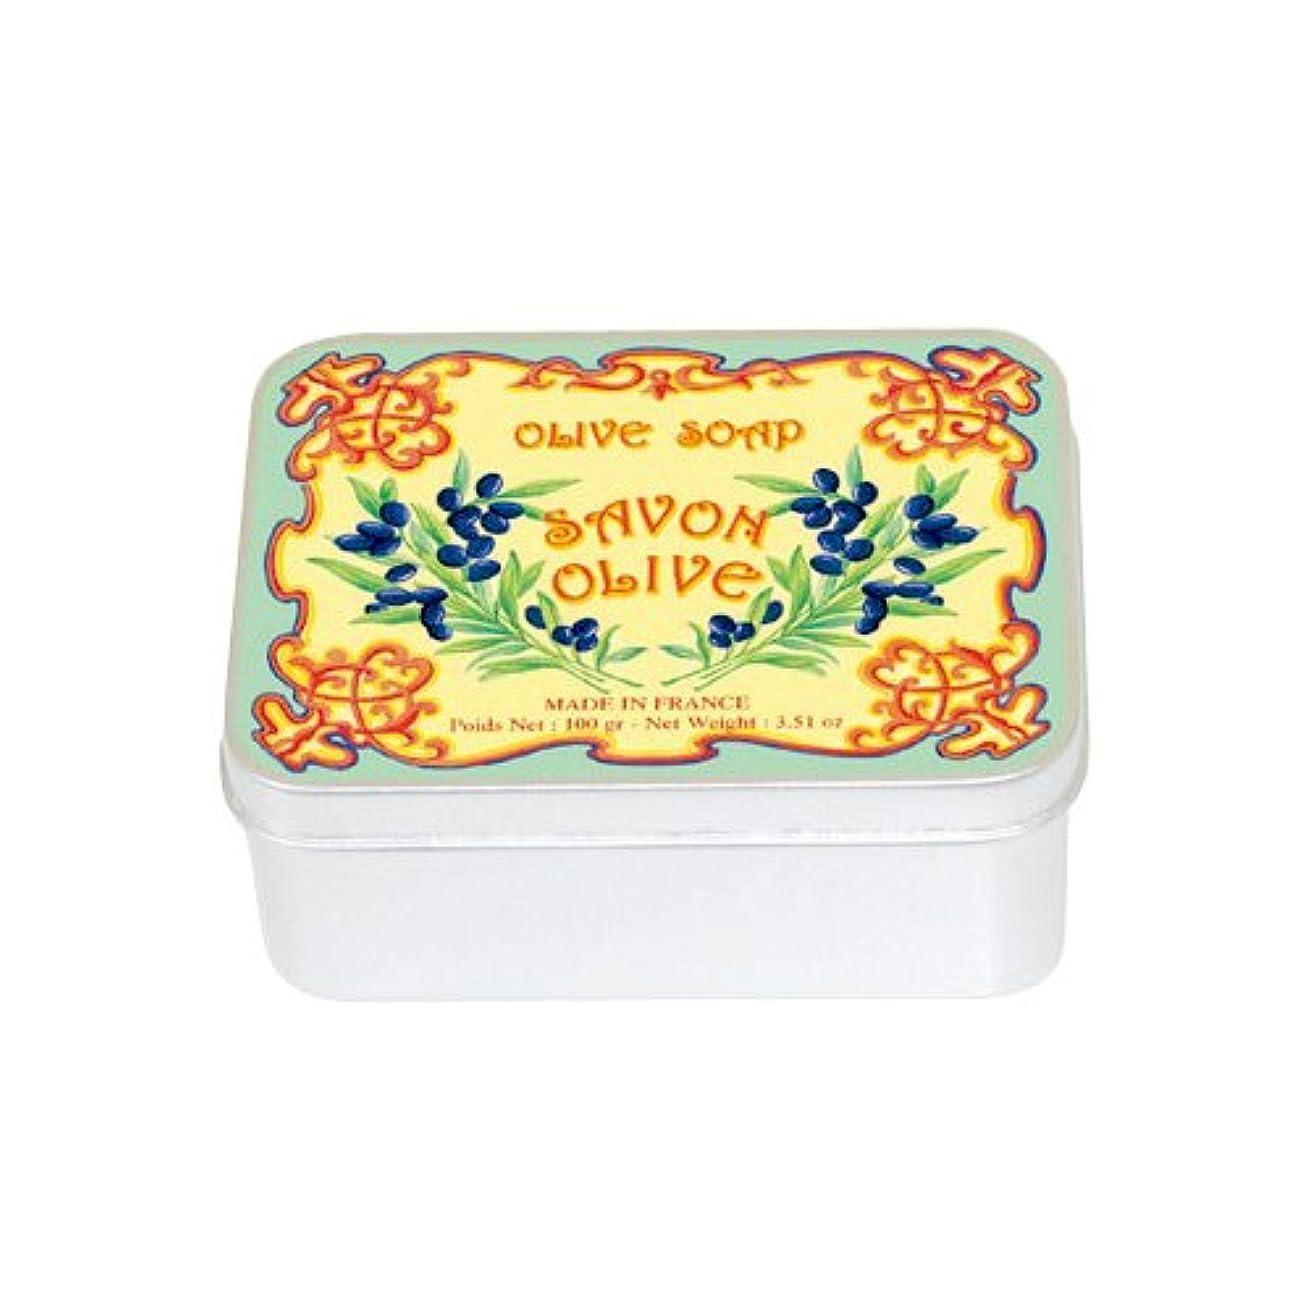 氷石化する受け継ぐルブランソープ メタルボックス(オリーブの香り)石鹸